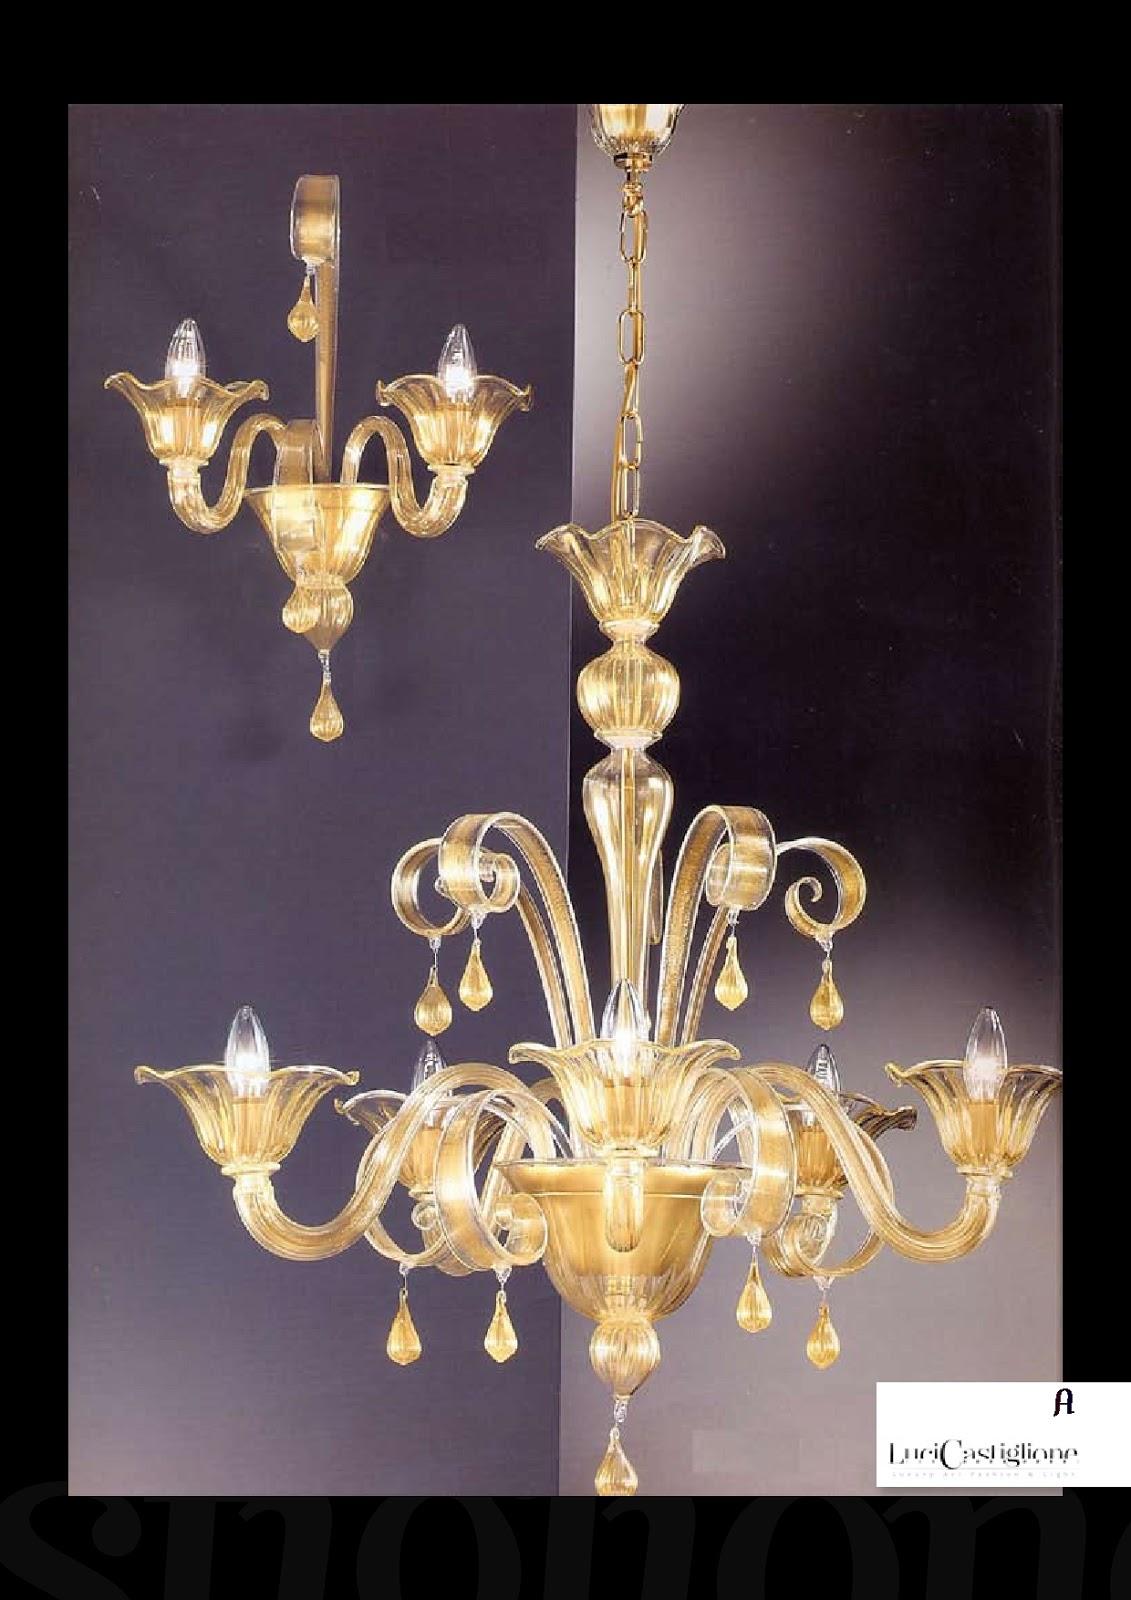 montaggio lampadari : Lampadari in vetro di murano: 484 lampadario di Murano vedi scheda